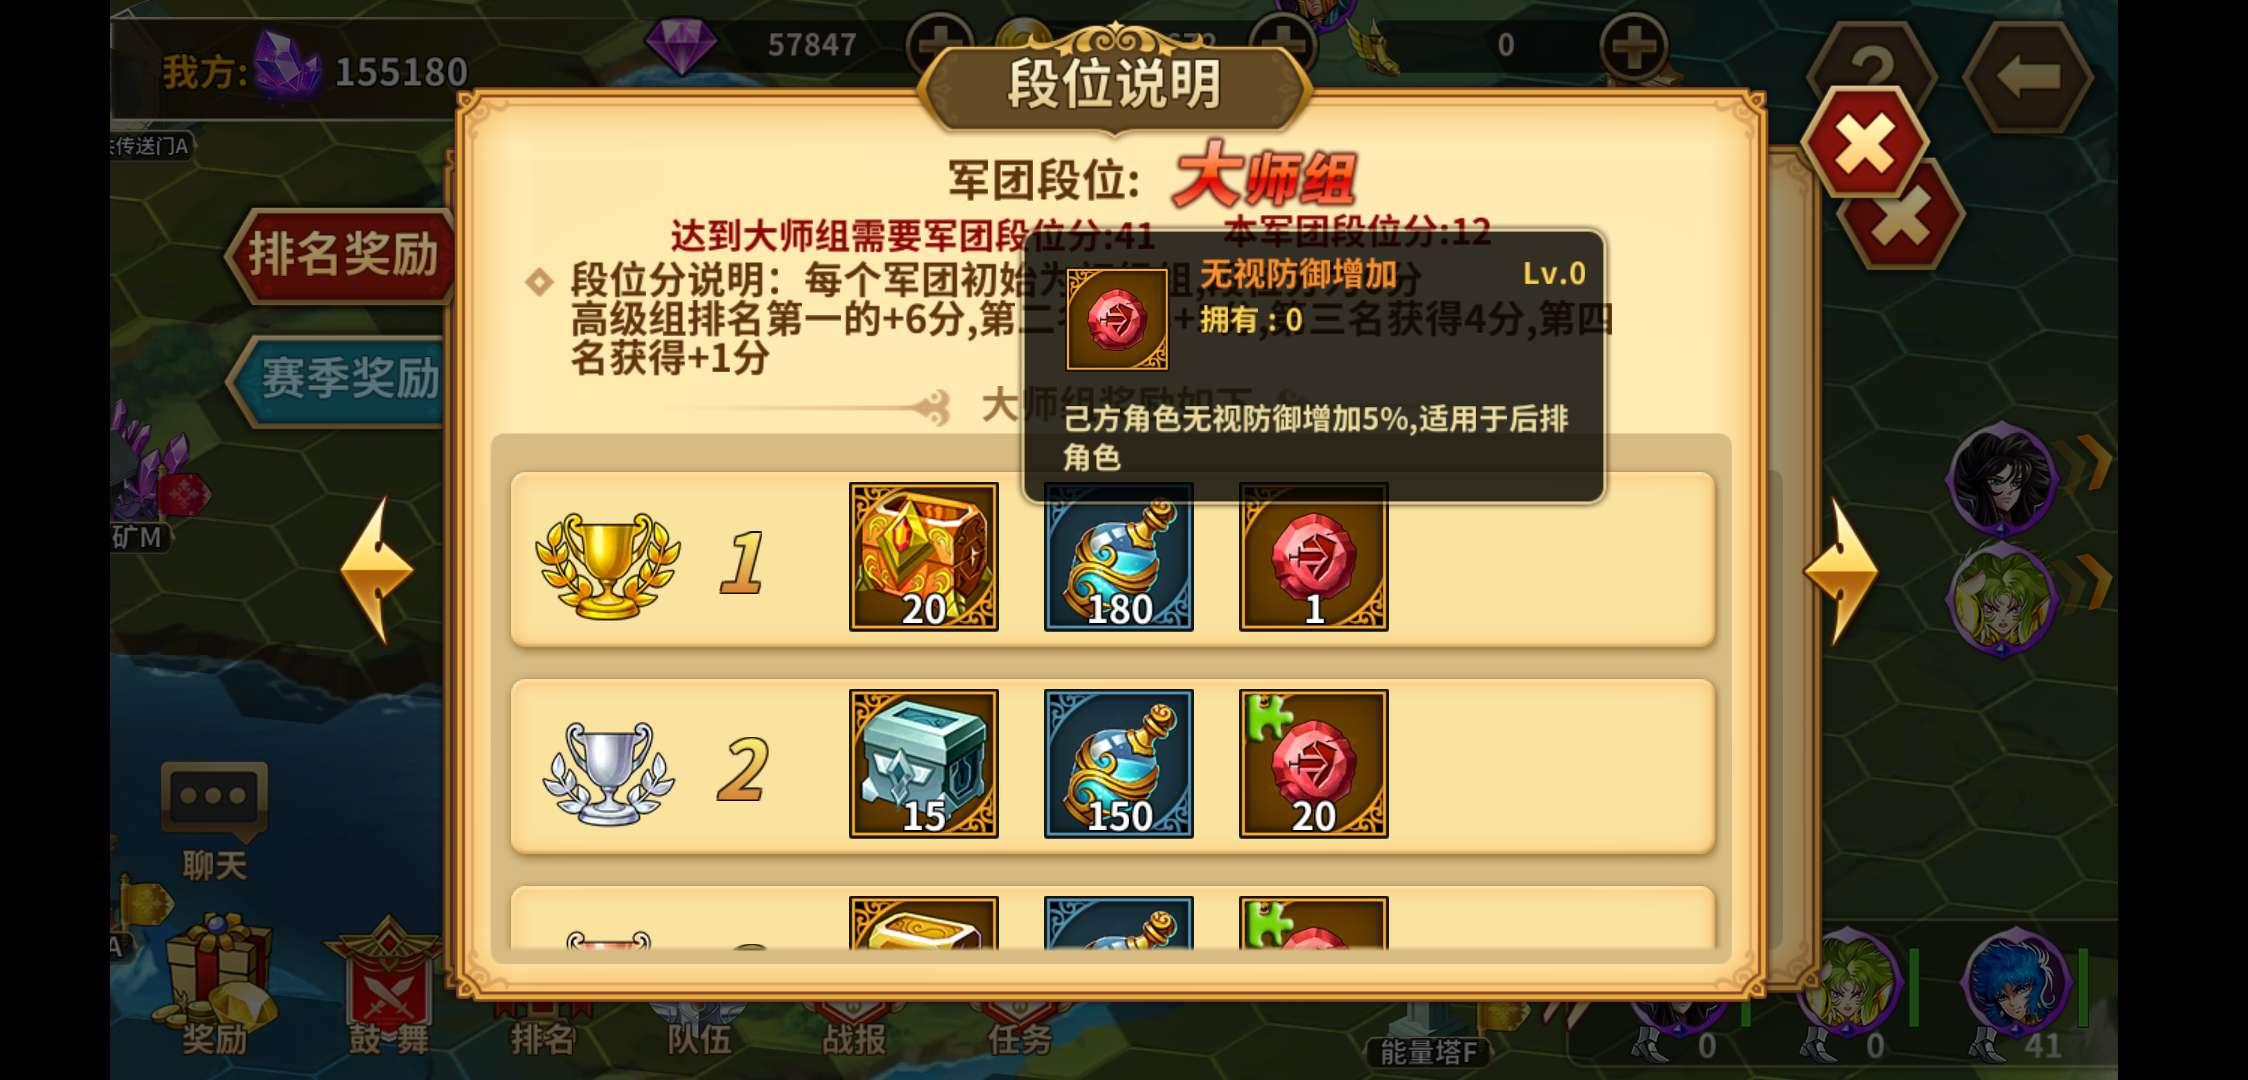 水晶奖励3.png